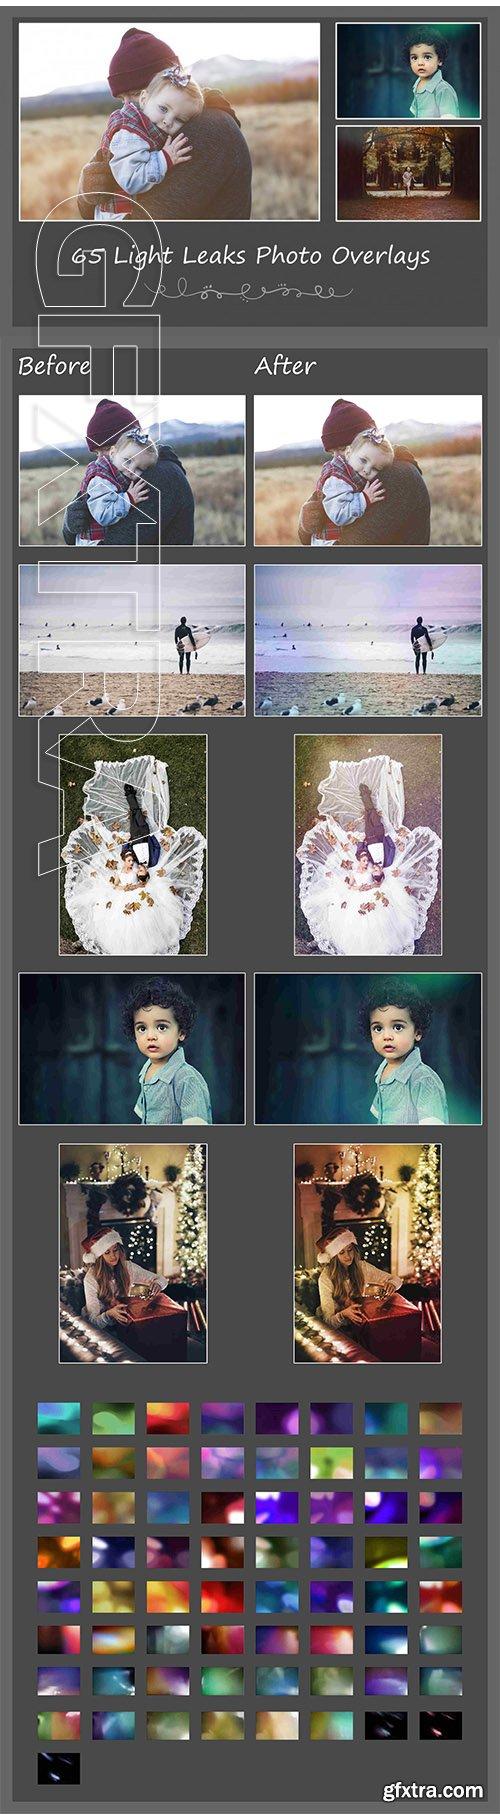 65 Light Leaks Photo Overlays